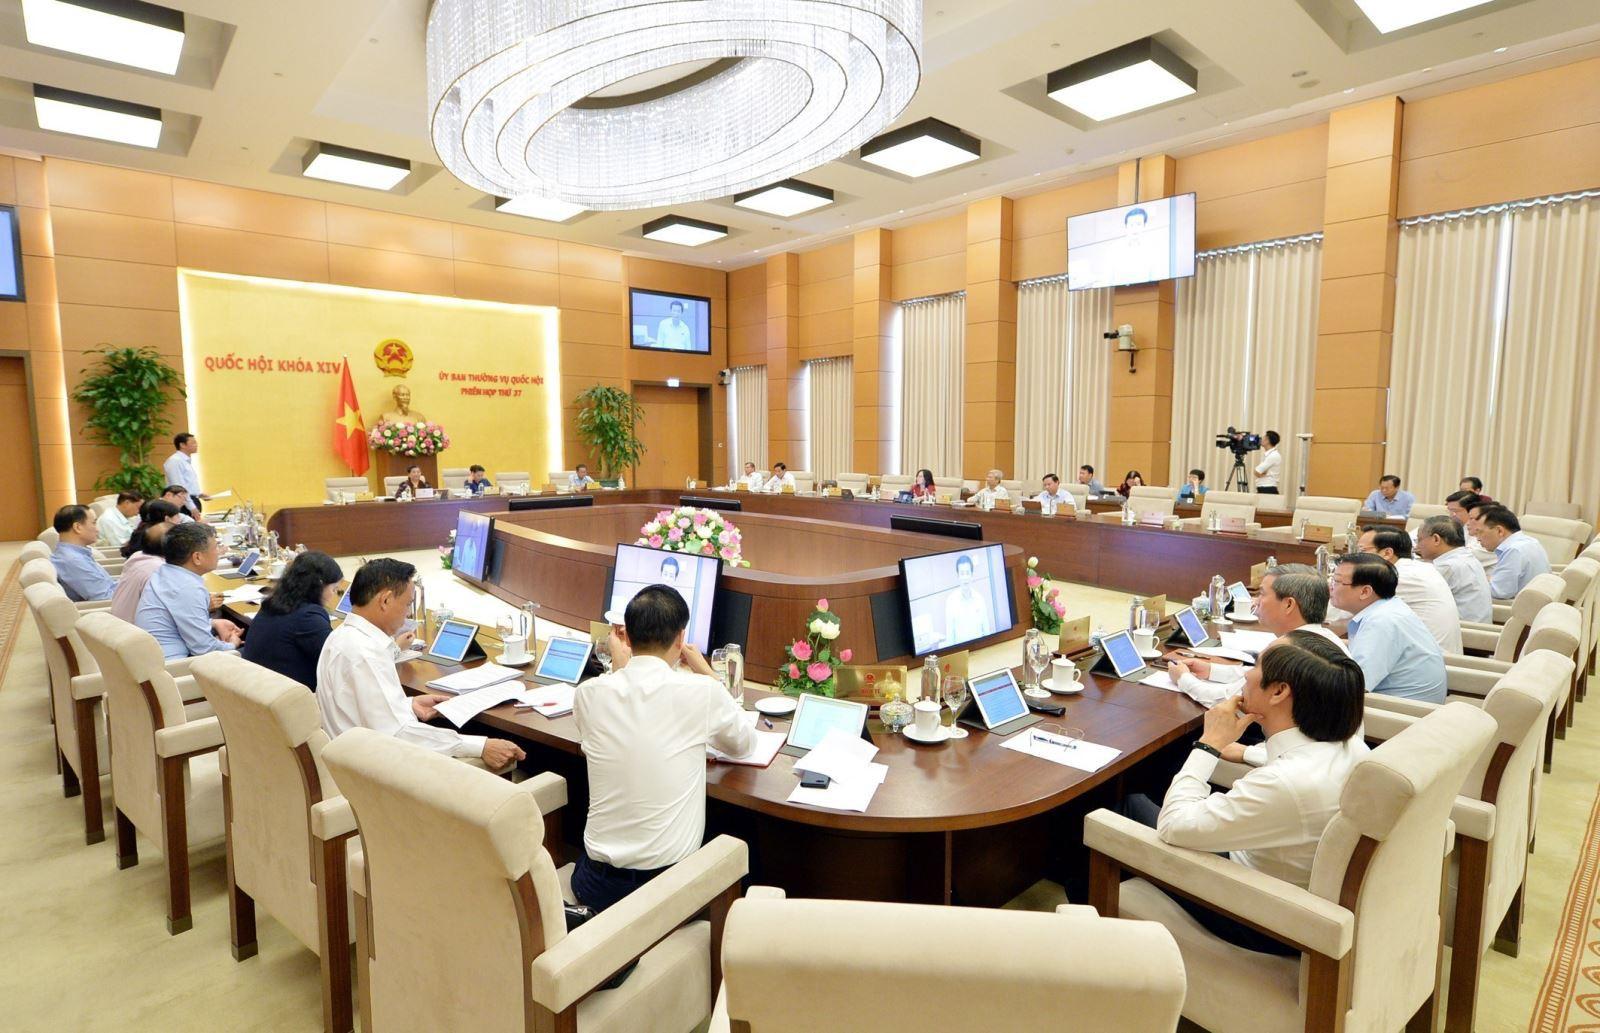 Phiên họp thứ 37 của Ủy ban TVQH: Đa số các ý kiến không tán thành tăng thời giờ làm thêm - Ảnh 1.